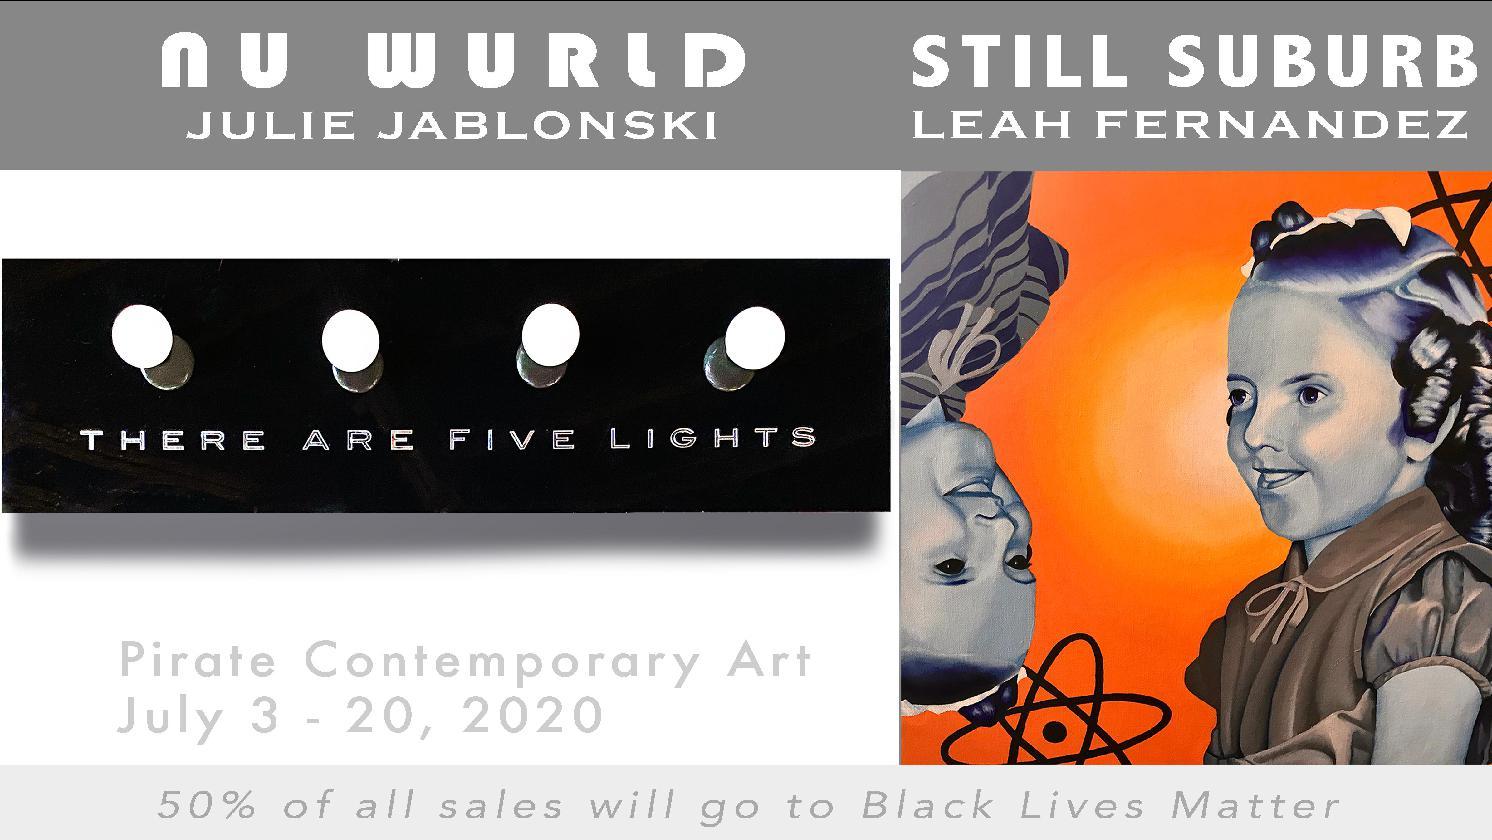 Nu Wurld and Still Suburb-New works by Julie Jablonski and Leah Fernandez